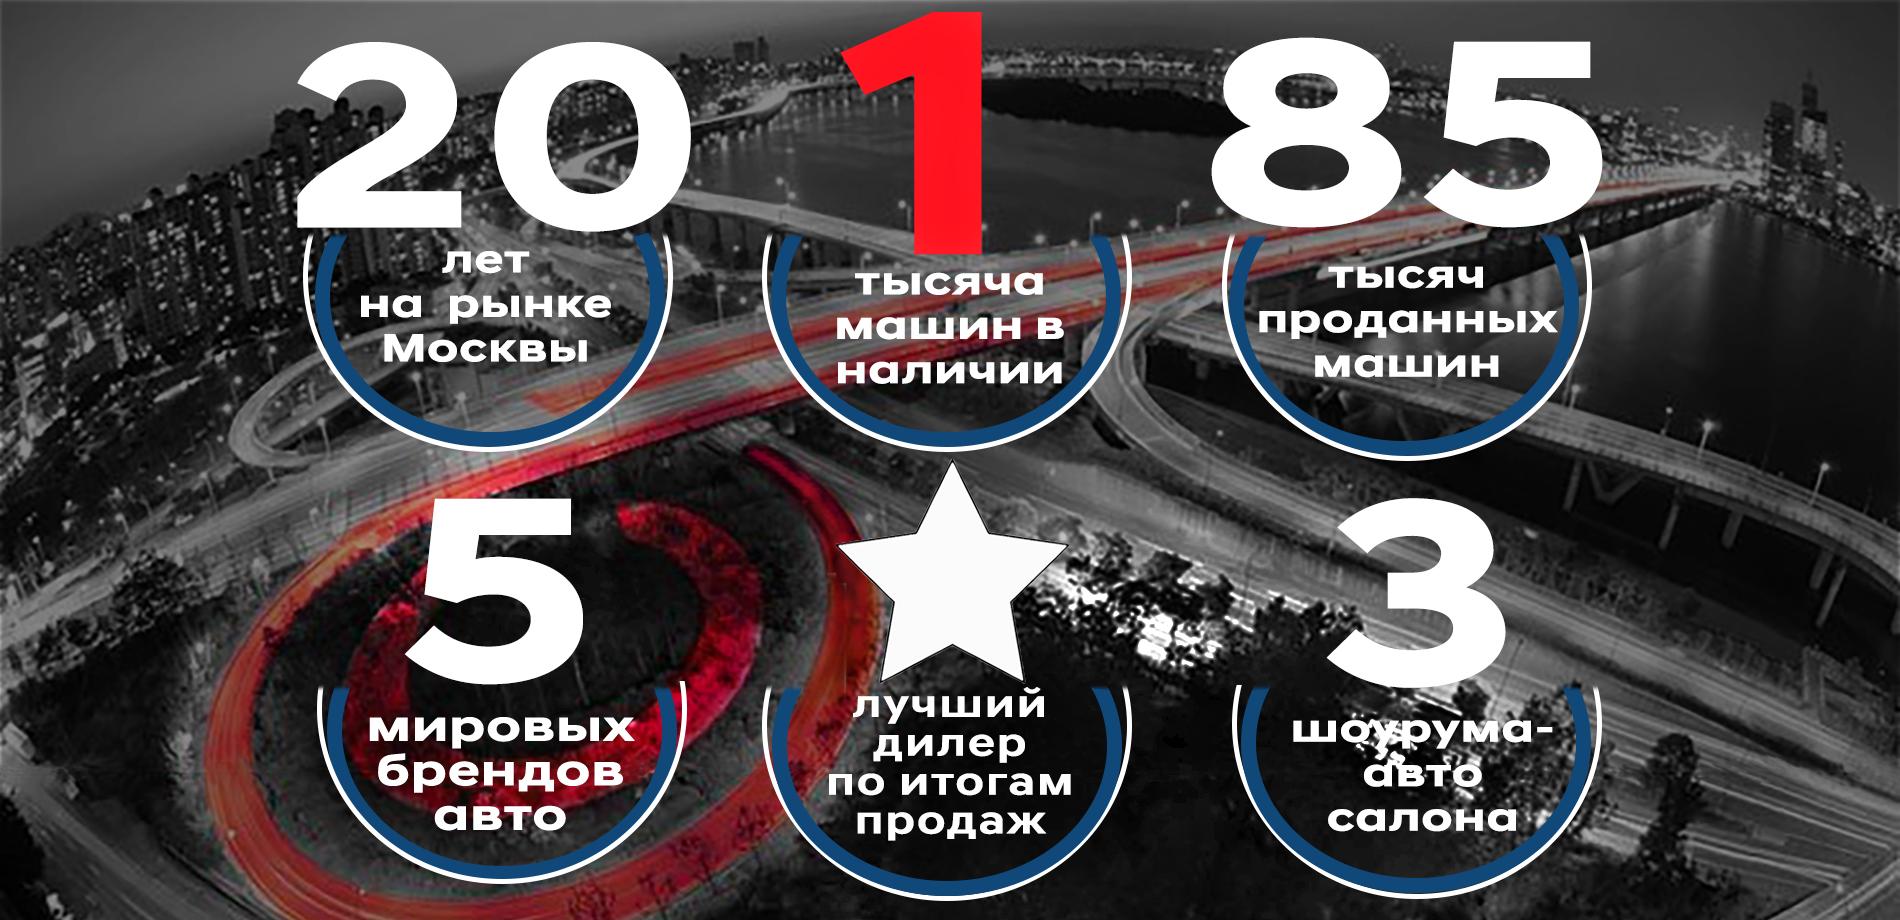 Автосалон автосити москва официальный сайт автосалон а моторс москва отзывы покупателей